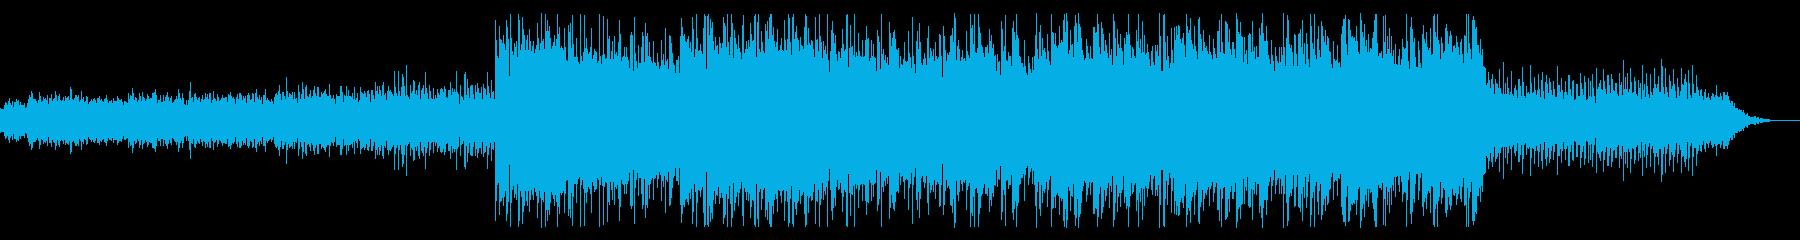 幻想的でエレクトロなピアノミュージックの再生済みの波形